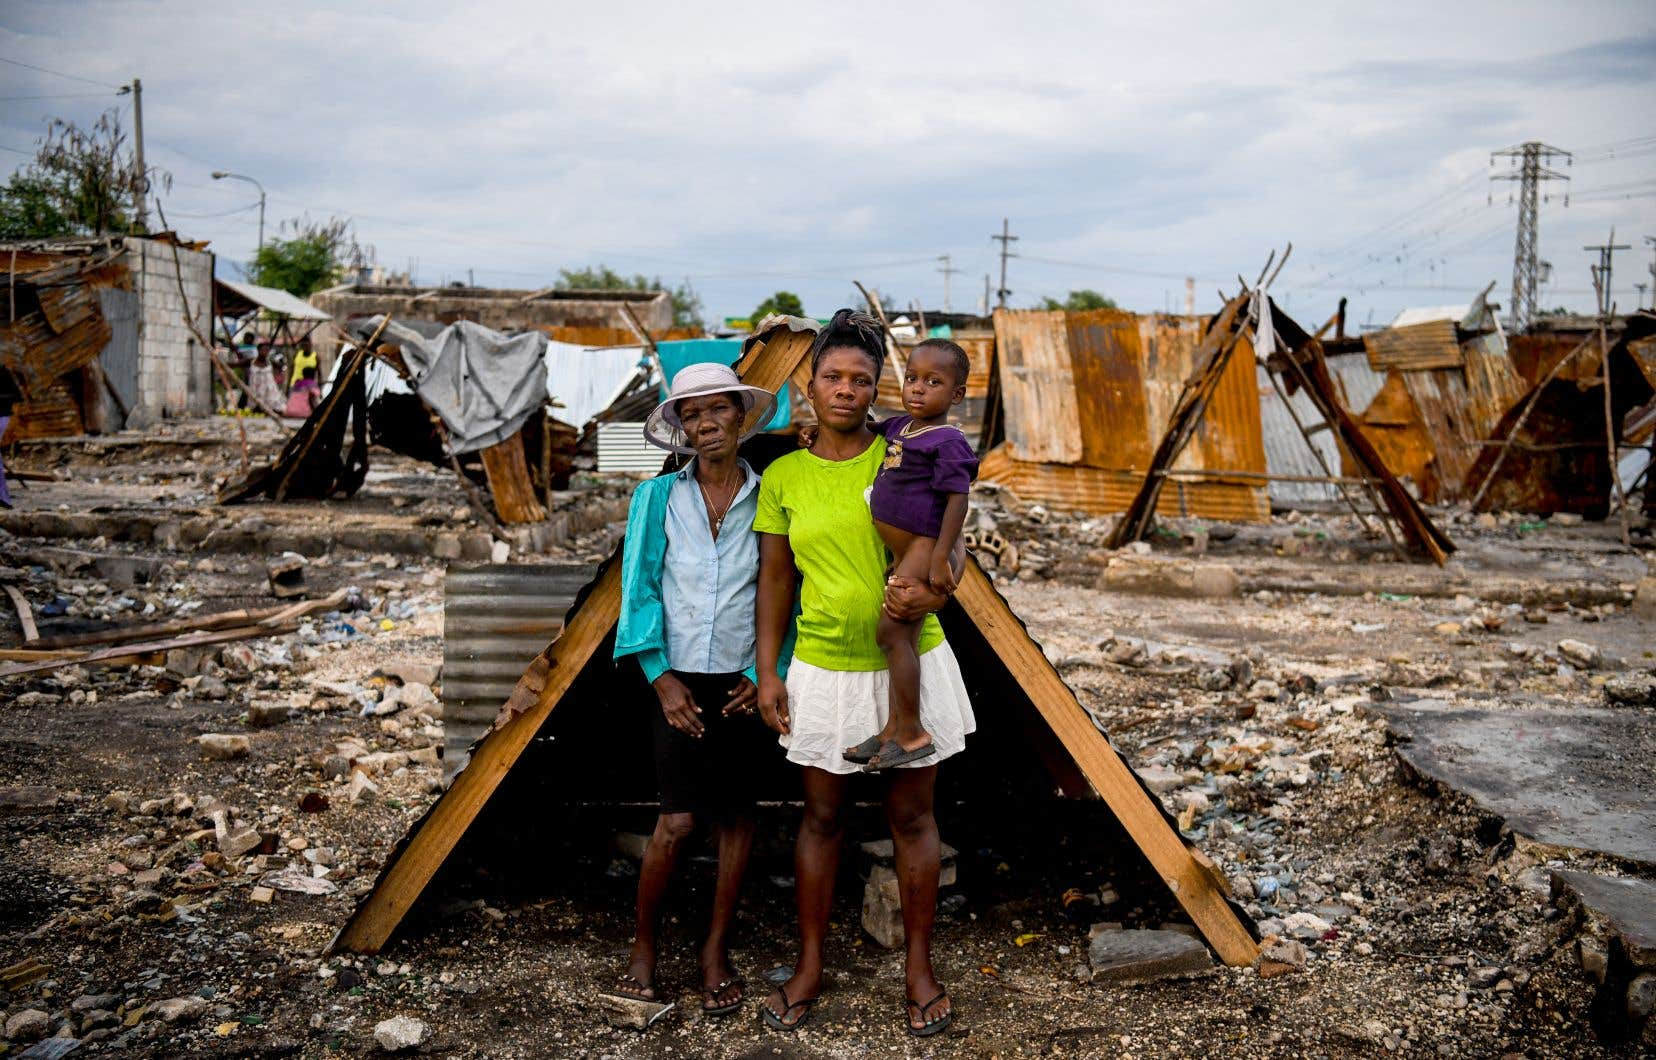 Rien qu'au cours de l'été, plus de 19 000 personnes comptant déjà parmi les plus vulnérables du pays ont dû fuir leur logement pour se réfugier dans des gymnases, des lieux publics ou ailleurs, selon l'ONU.